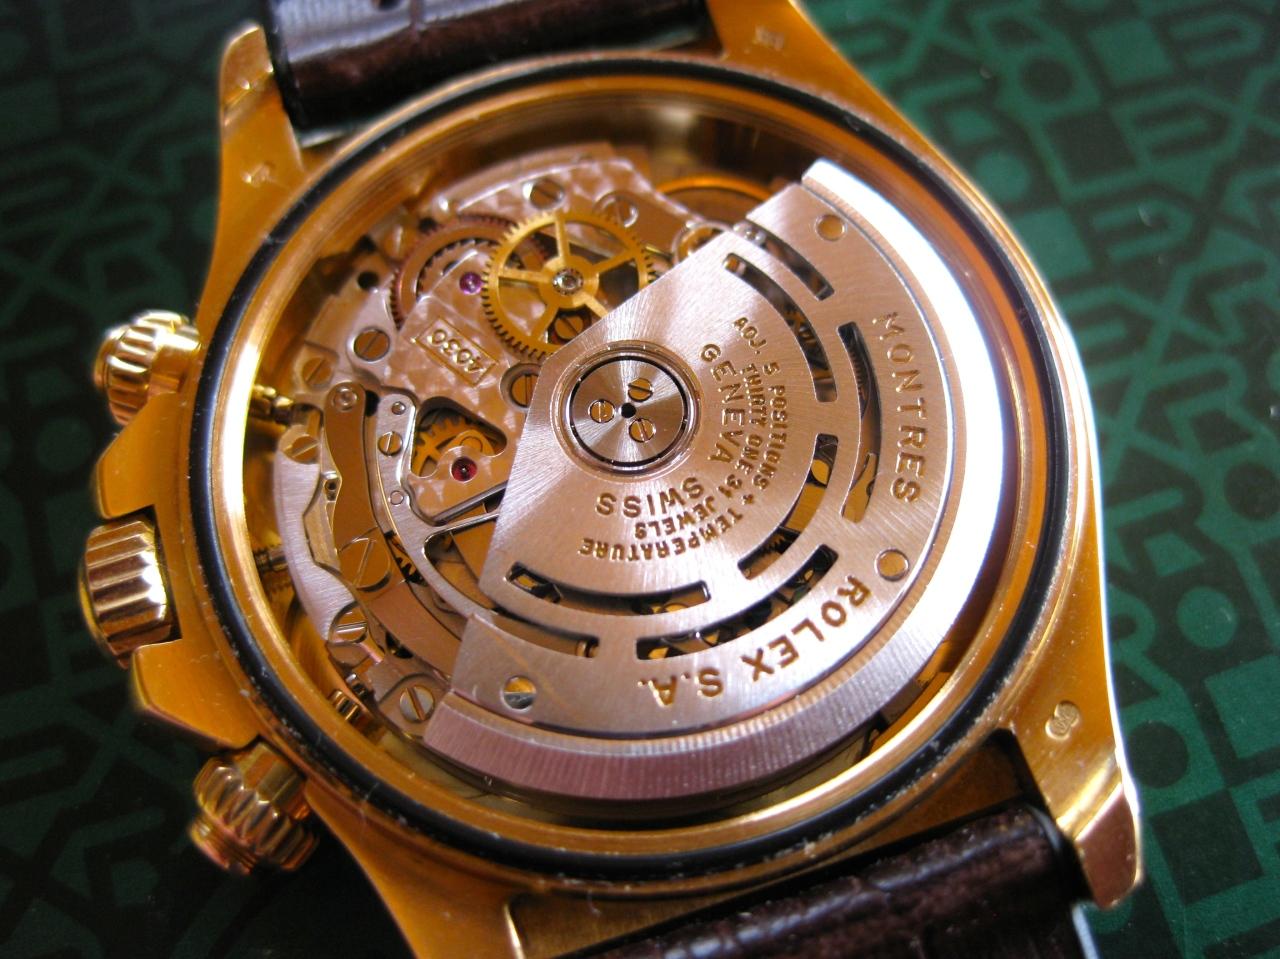 Das Rolex Kaliber 4030 – tiefereEinblicke